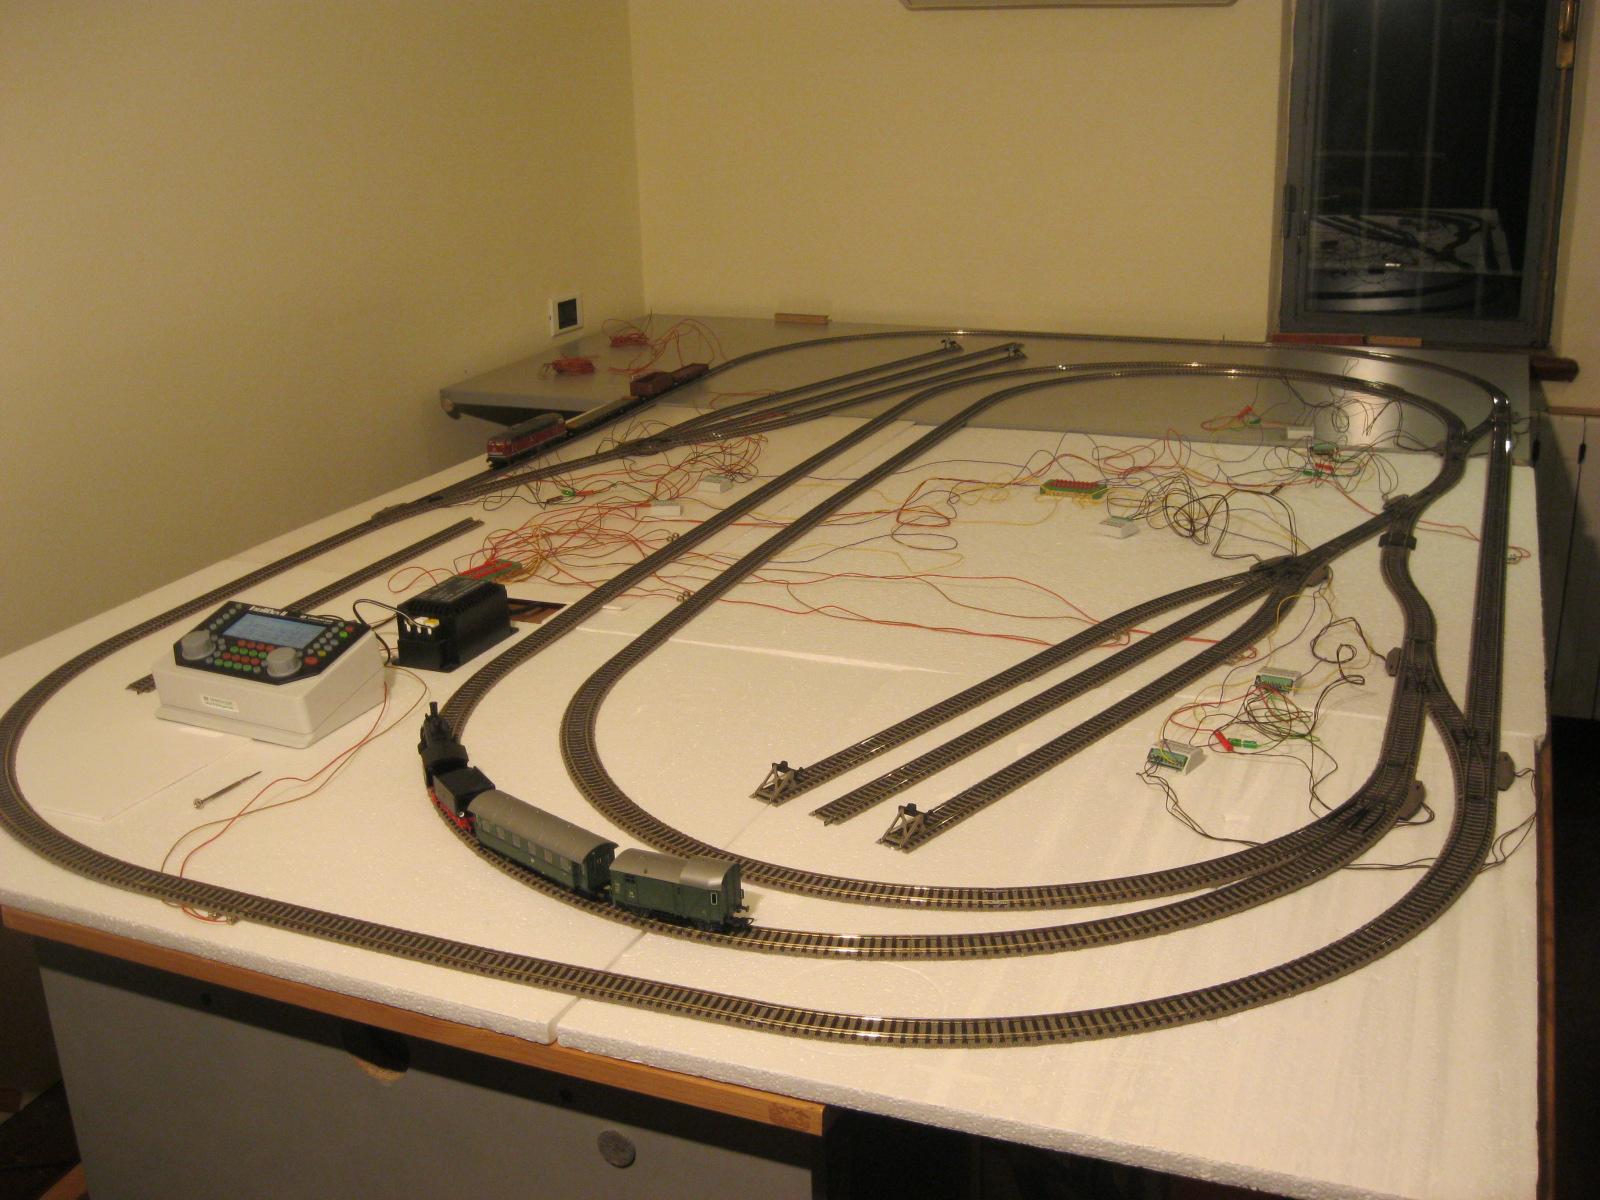 Schemi Elettrici Per Trenini : Schemi elettrici per modellismo ferroviario principi di